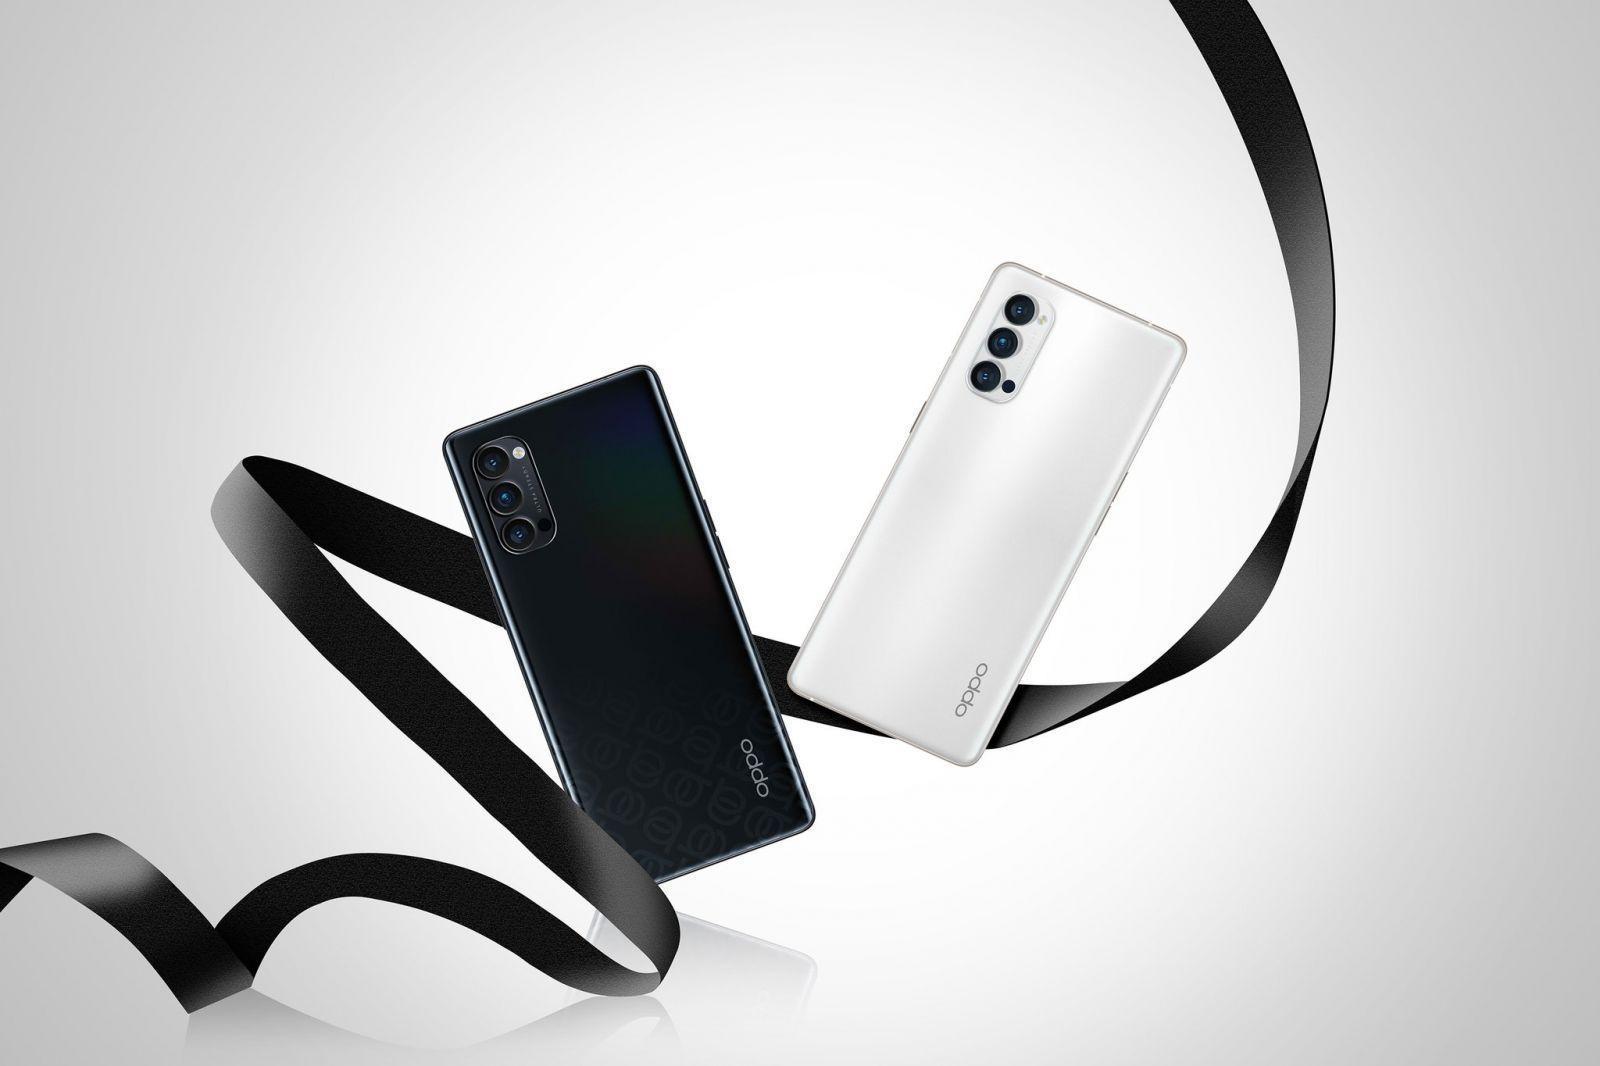 Oppo опубликовала фотографии смартфона Oppo Reno 4 (ezmvz61ueaqtu7b large)